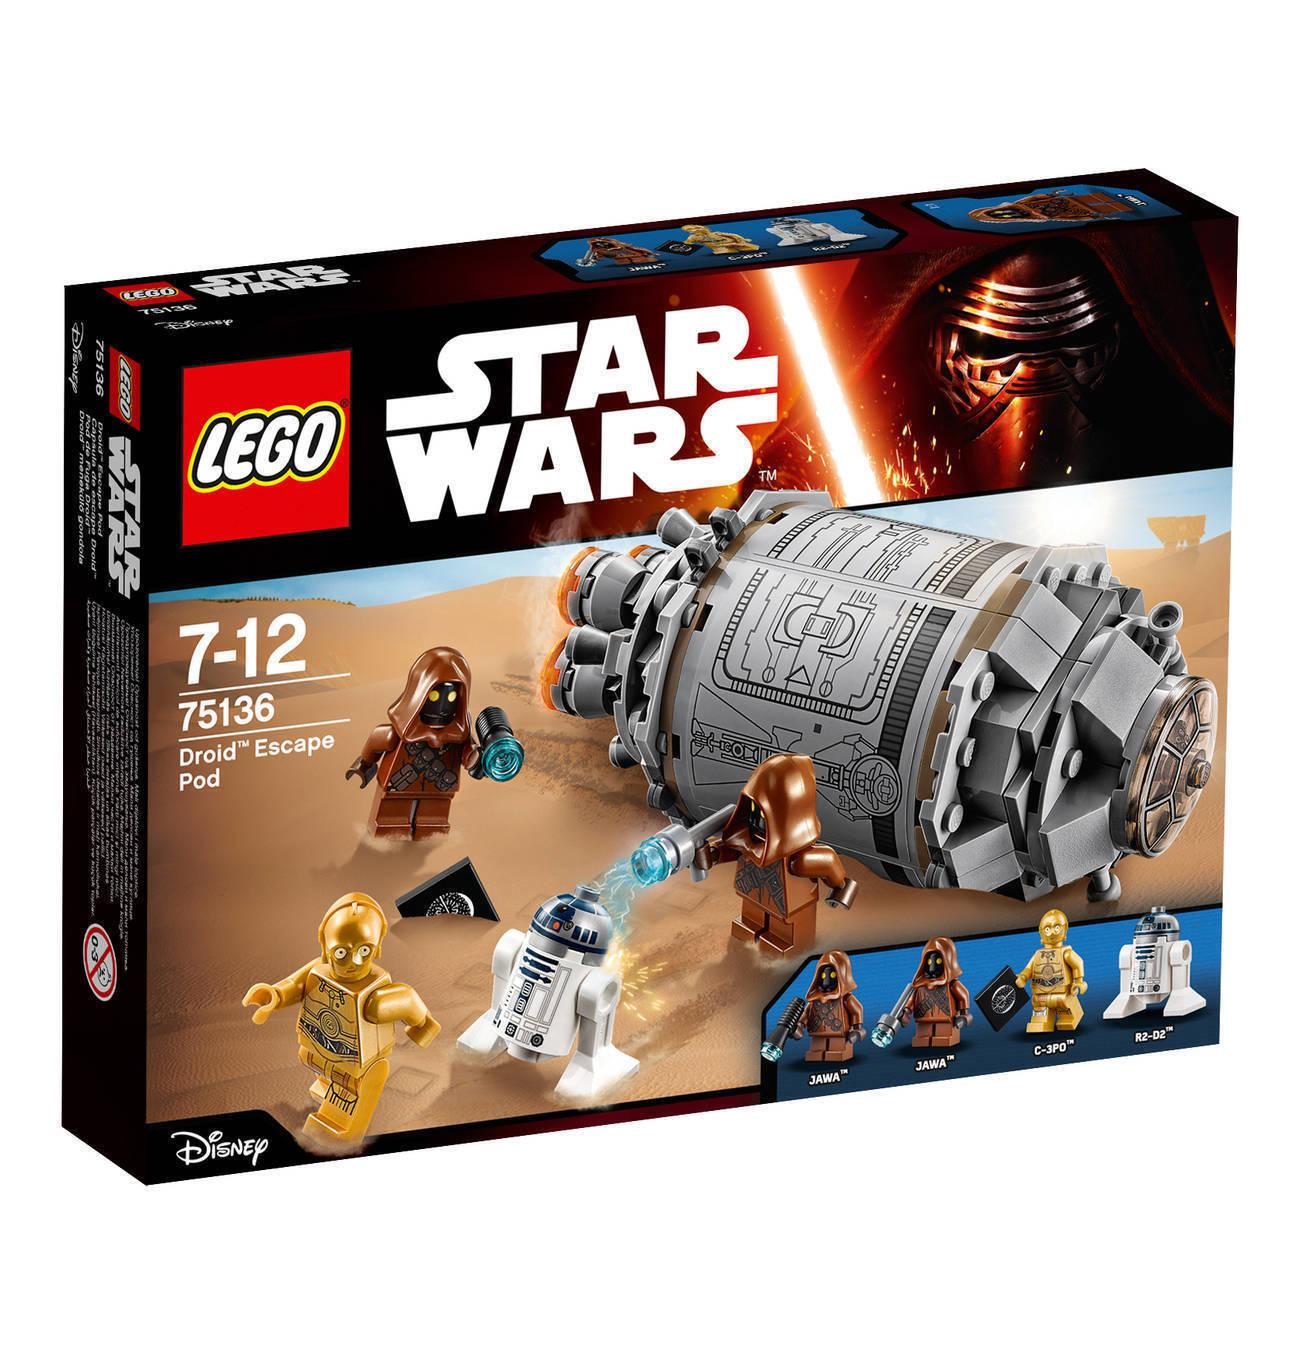 LEGO ® Star Wars 75136 75136 75136 DROID ESCAPE POD Nouveau Neuf dans sa boîte fff9f1